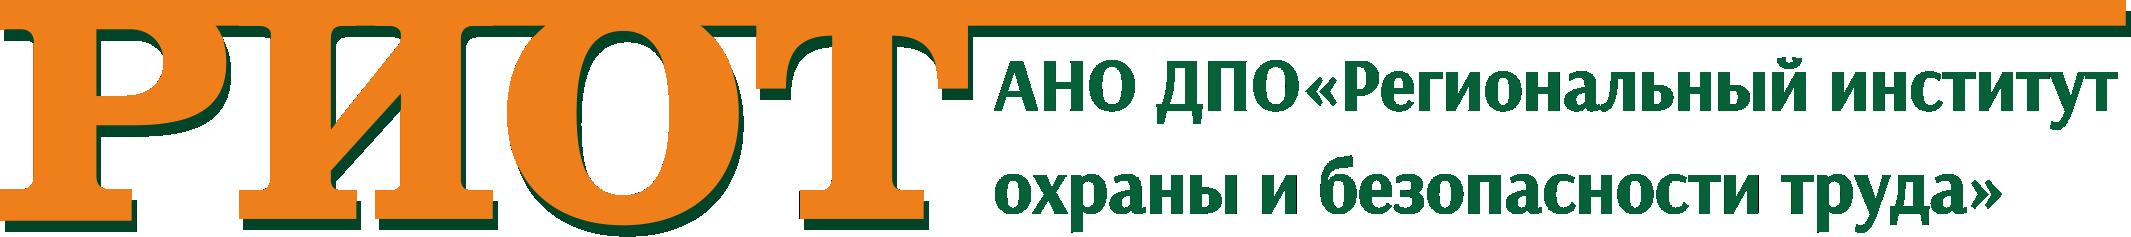 Лого компании АНО ДПО «Региональный институт охраны и безопасности труда» («РИОТ»)